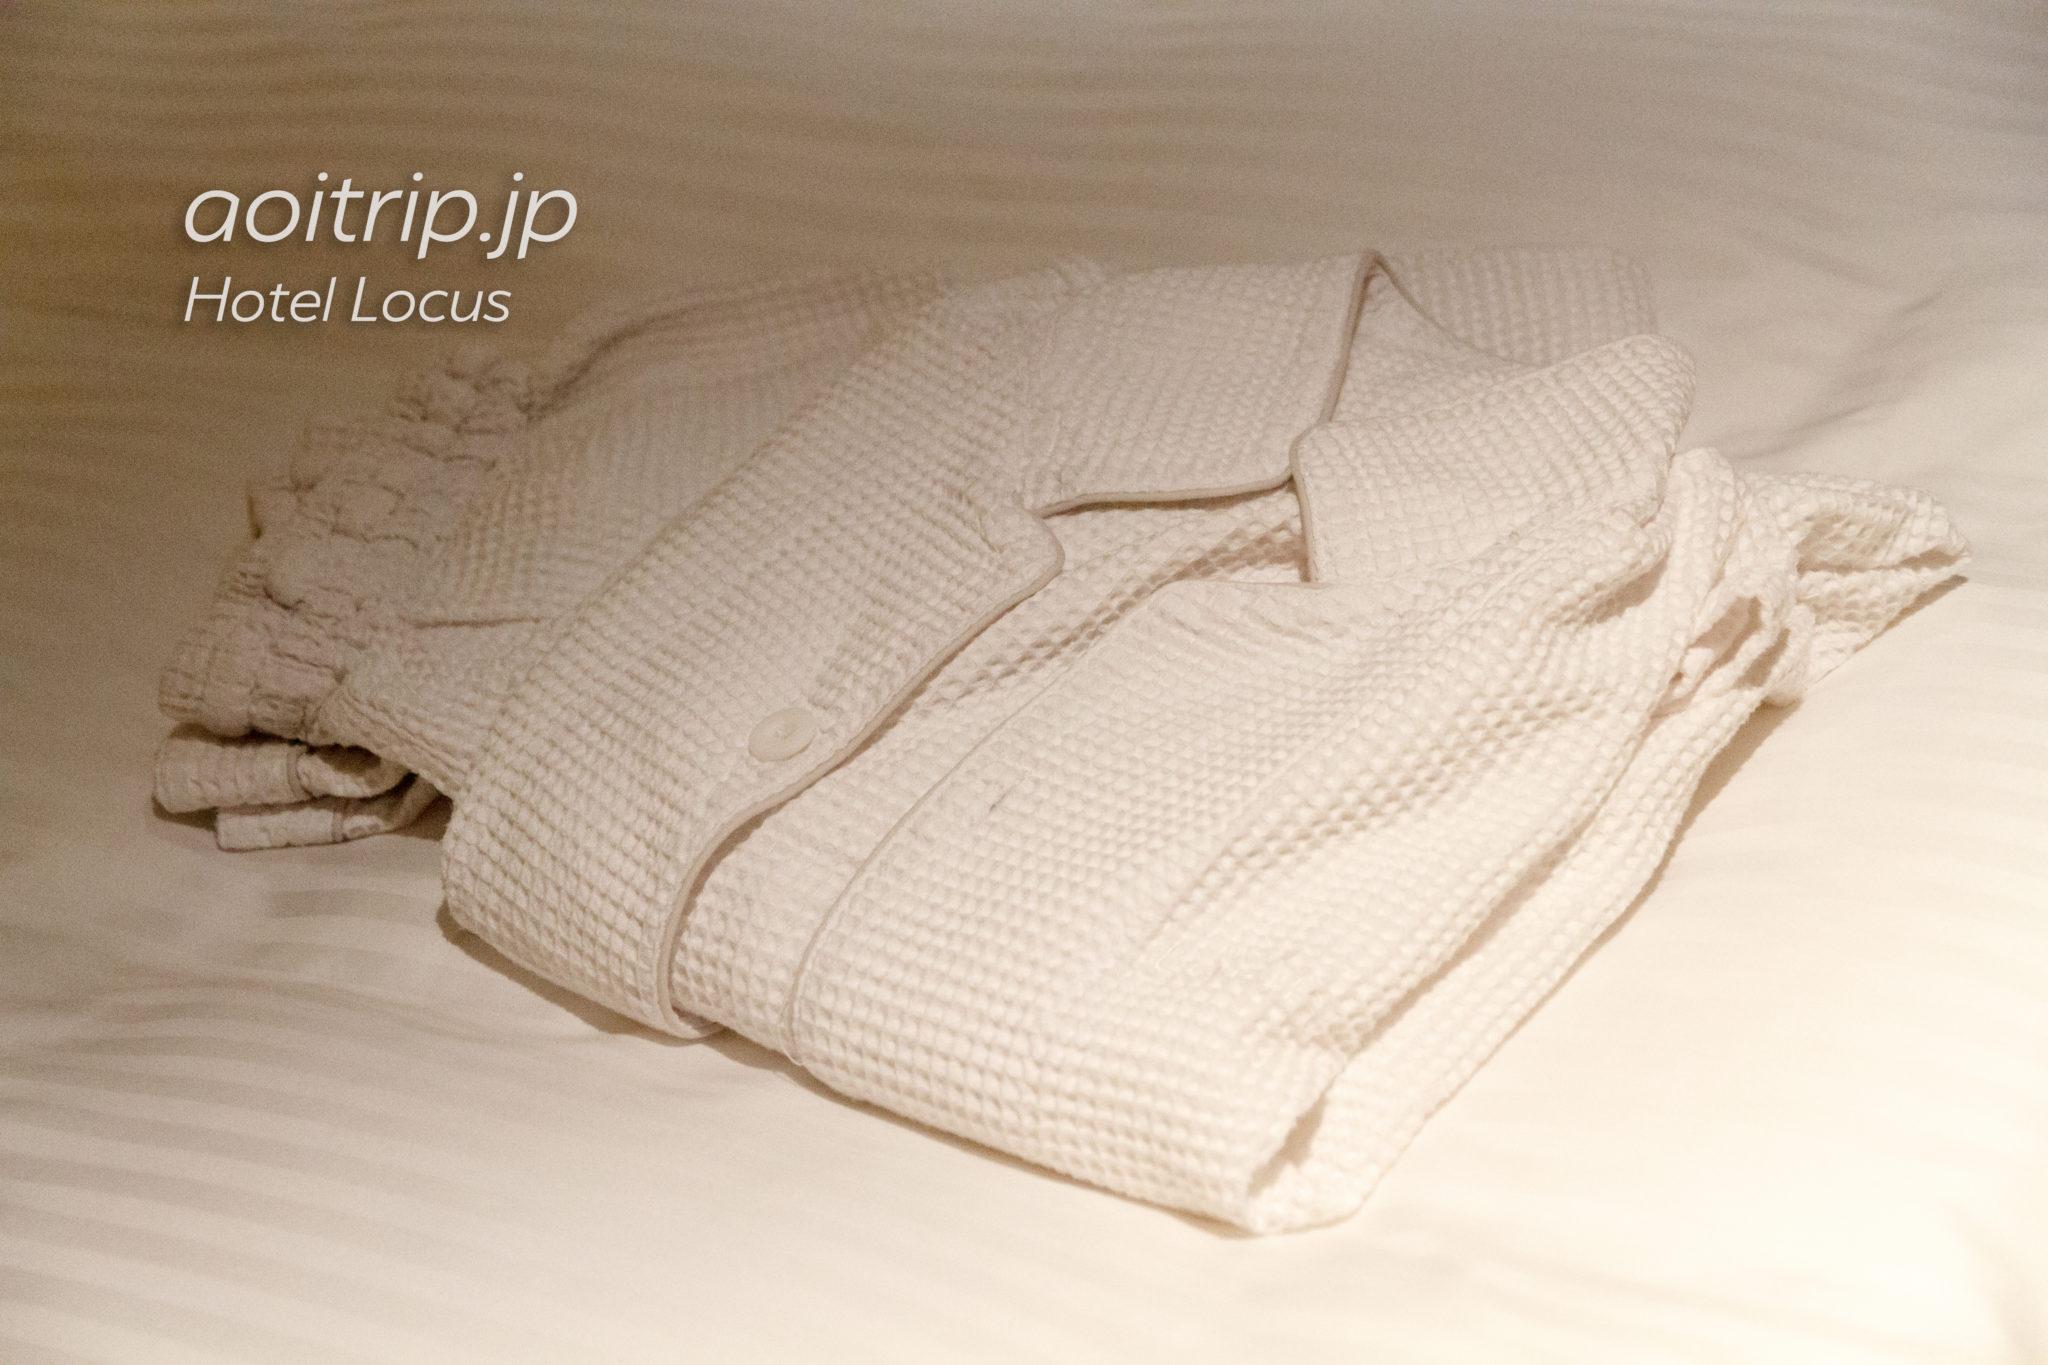 ホテルローカスのパジャマ(寝間着)